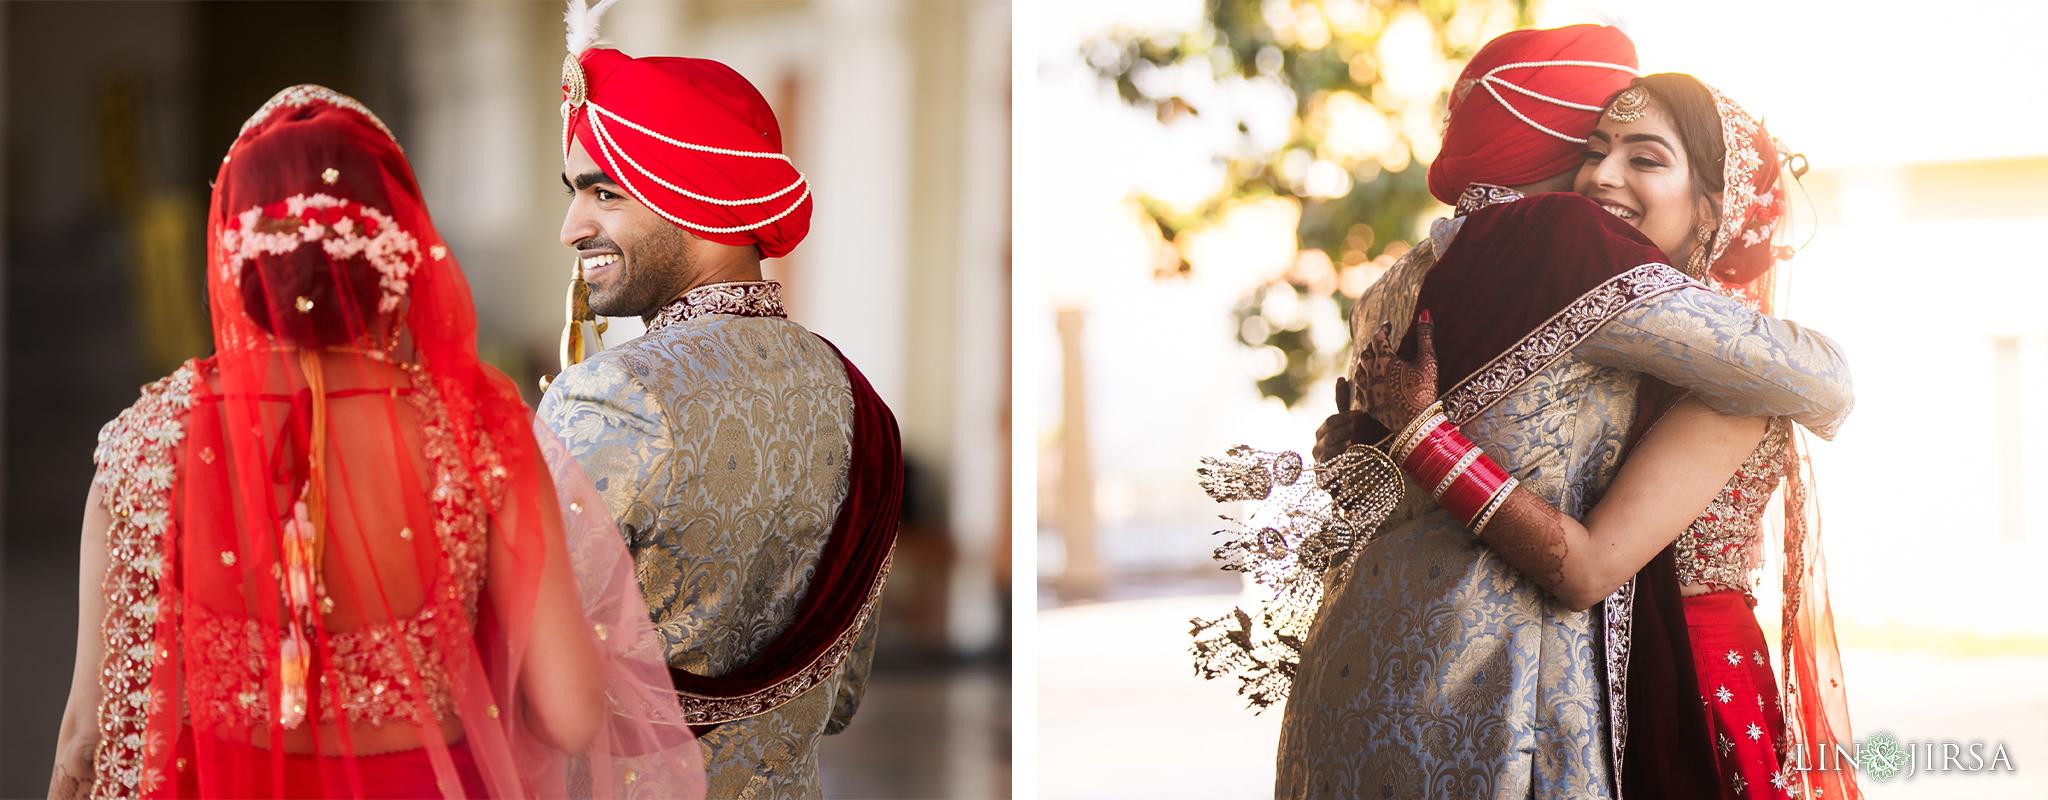 11 Sikh Gurdwara San Jose Punjabi Indian Wedding Photography